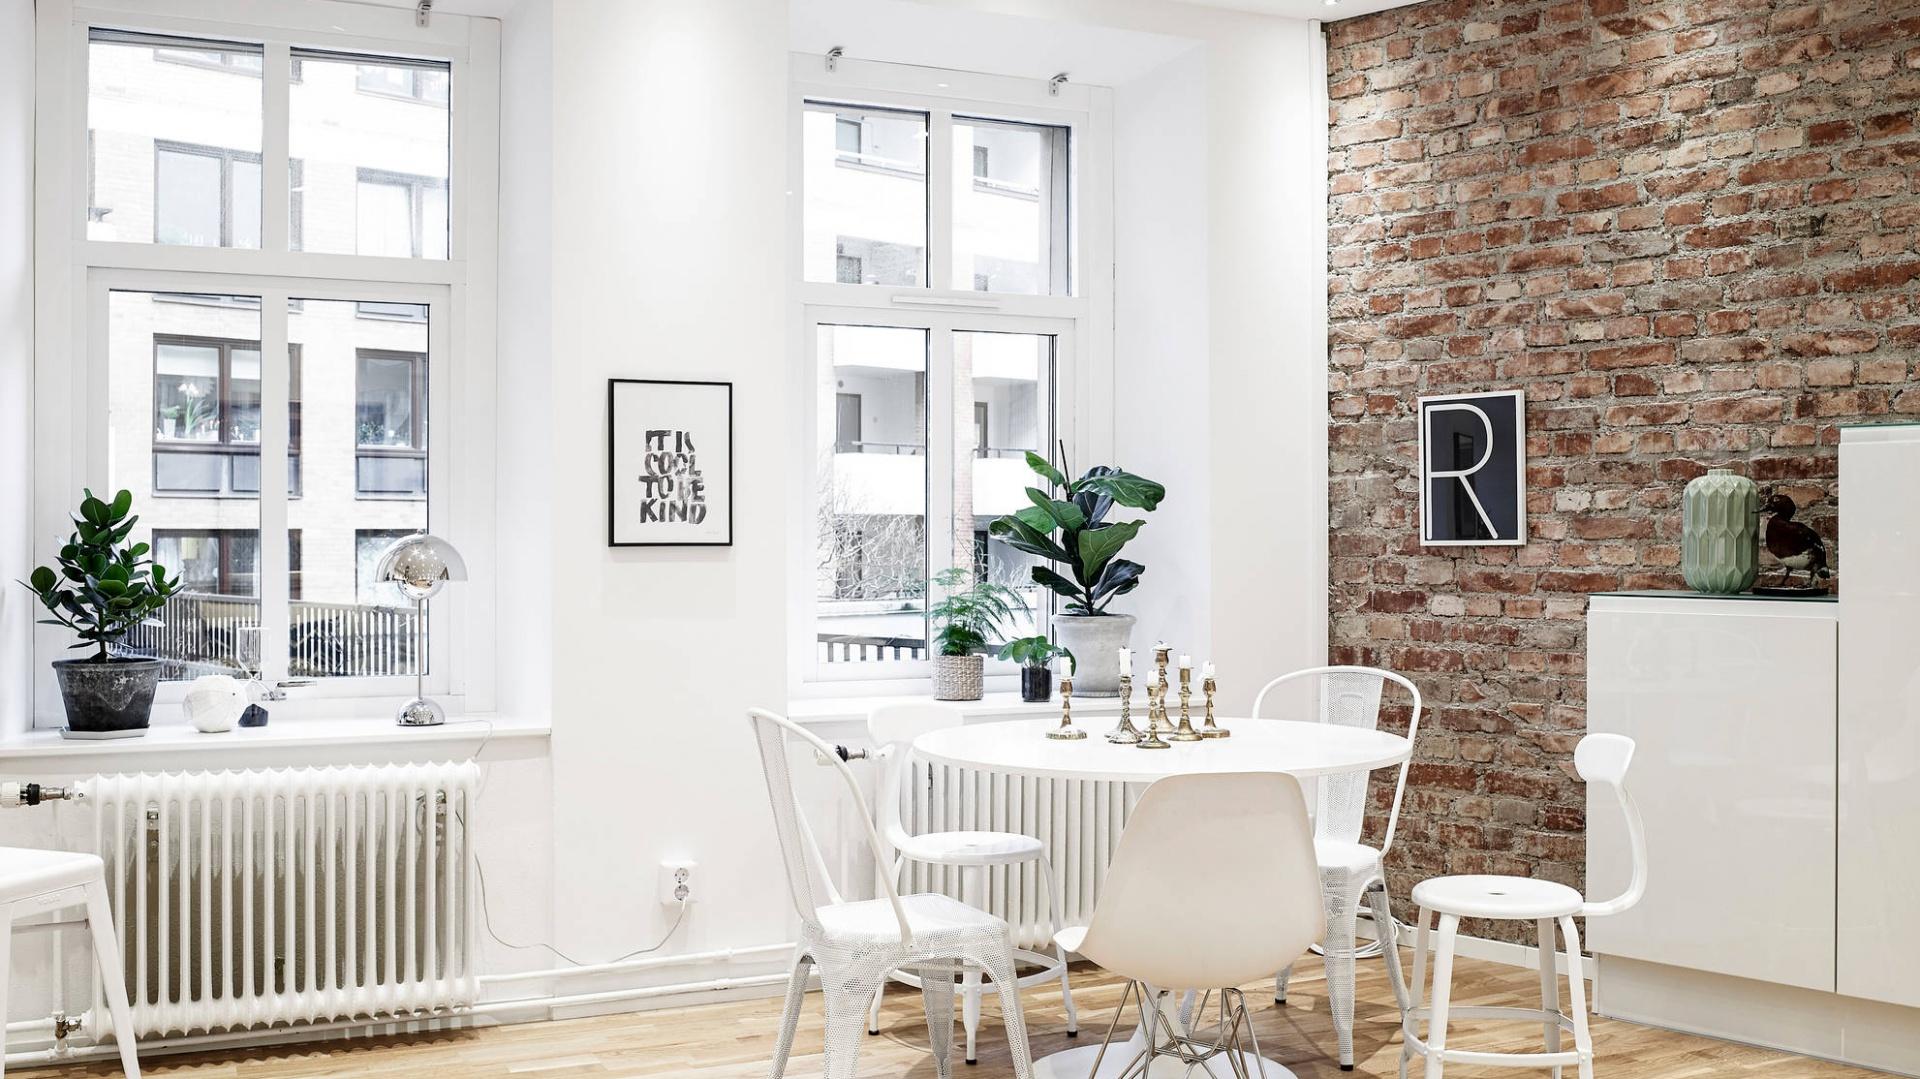 Miejsce na niewielką jadalnię wydzielono w otwartej strefie dziennej. Jej aranżacja - białe krzesła oraz stół - doskonale wpisuje się w styl i charakter wnętrza. Fot. Stadshem.se.